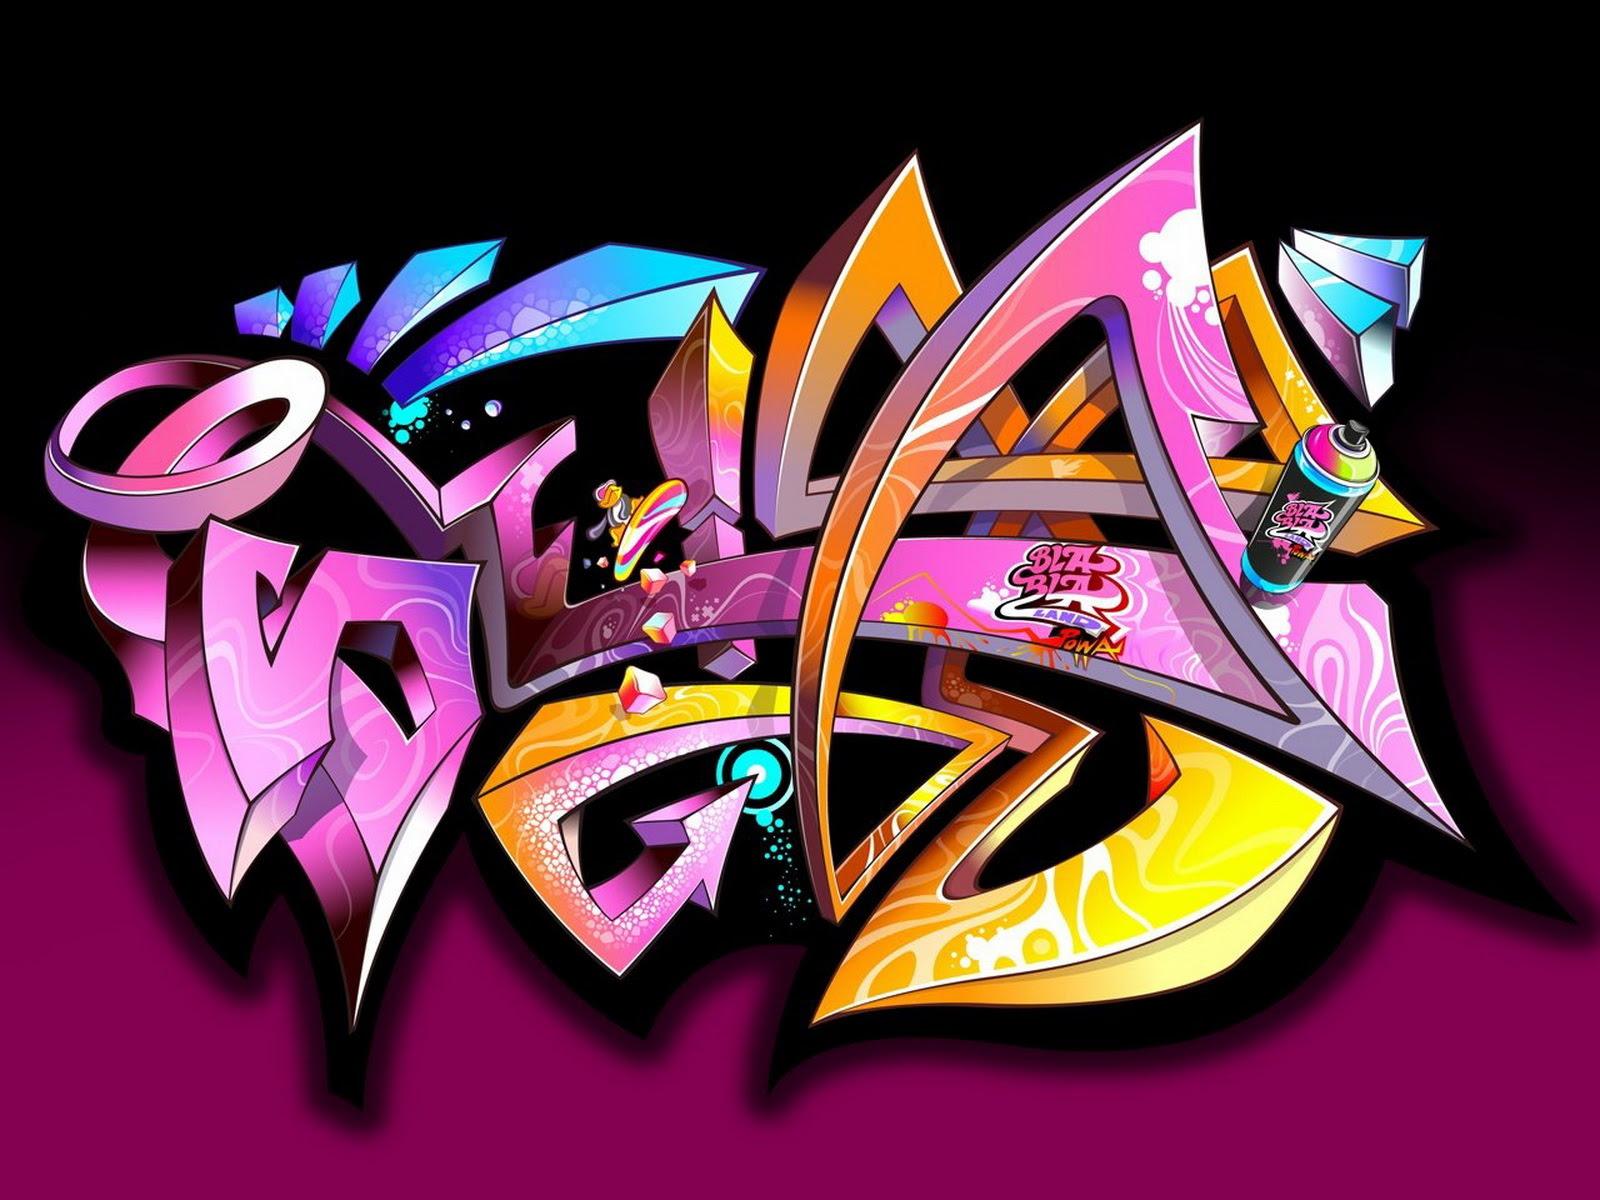 Unduh 300 Wallpaper Grafiti  Paling Baru